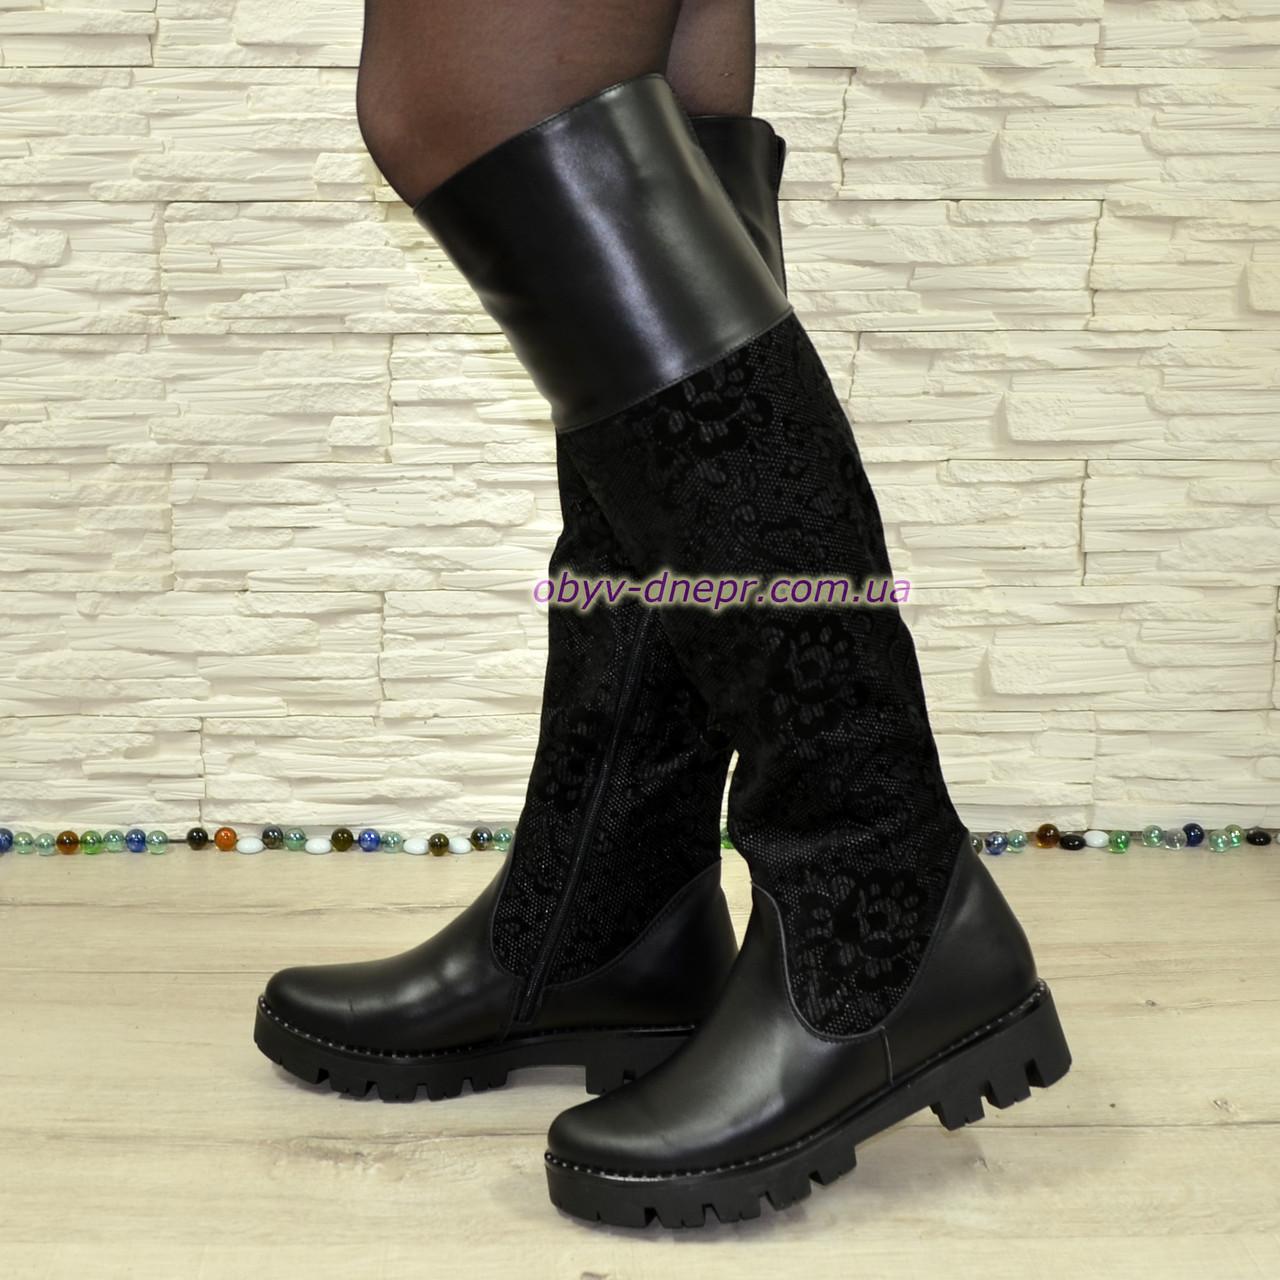 Ботфорты черные женские зимние на тракторной подошве, натуральная кожа и замша.